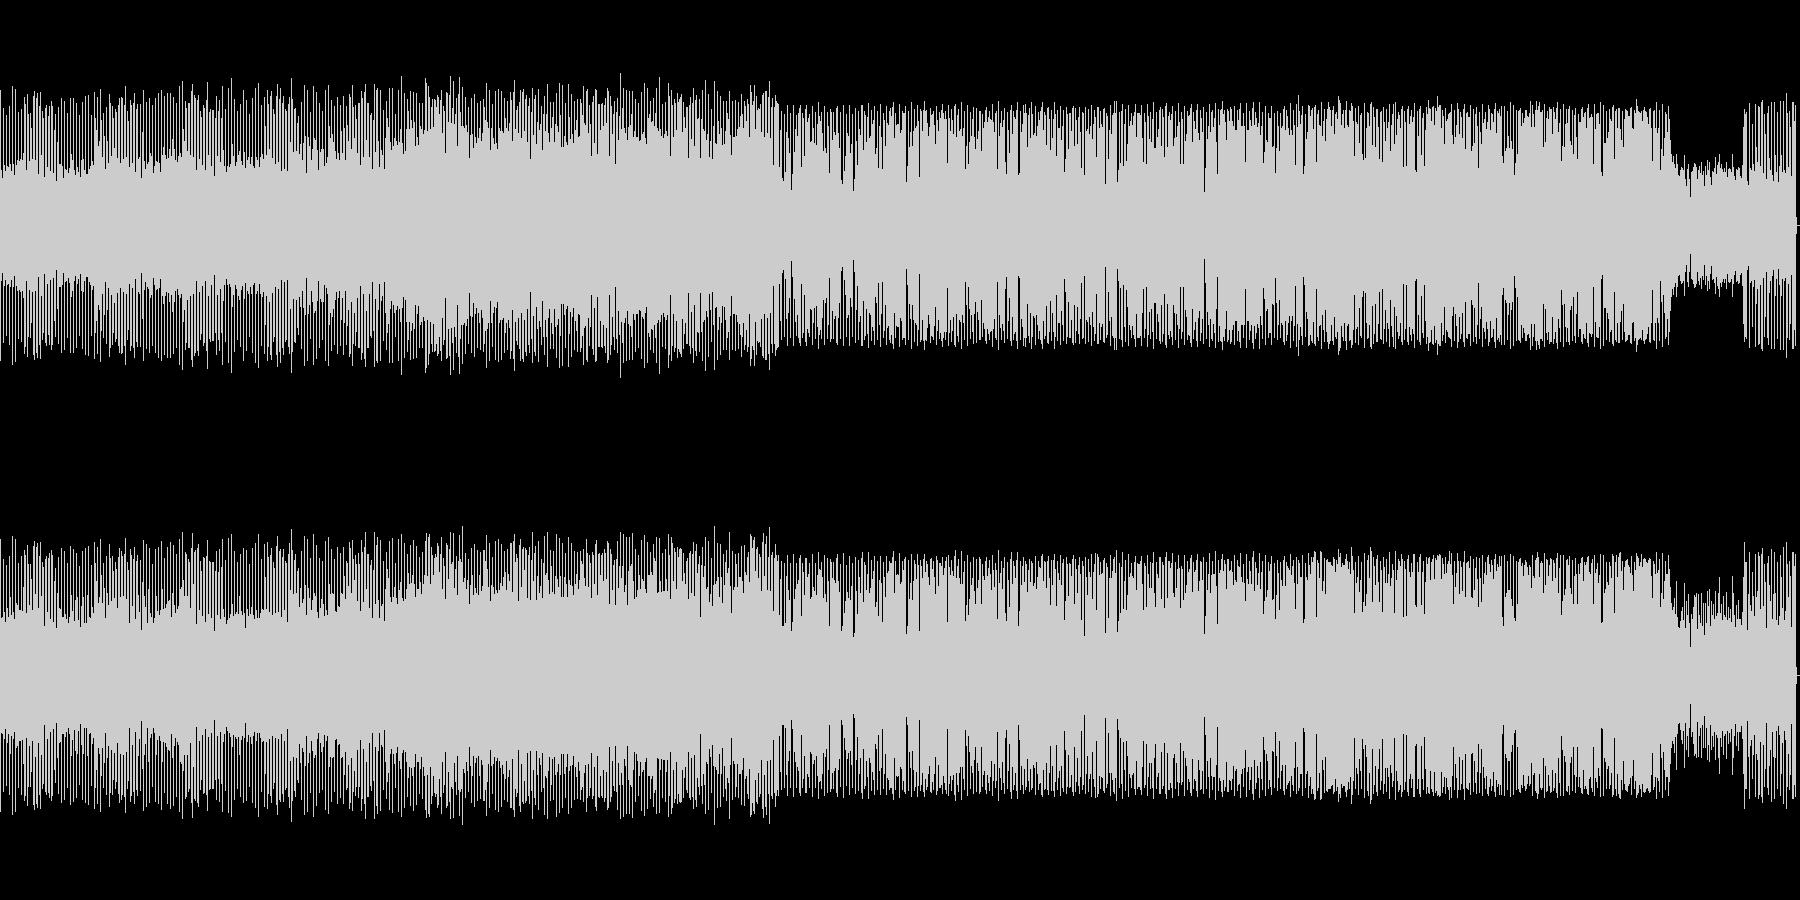 電波をイメージしたピコピコ音楽の未再生の波形